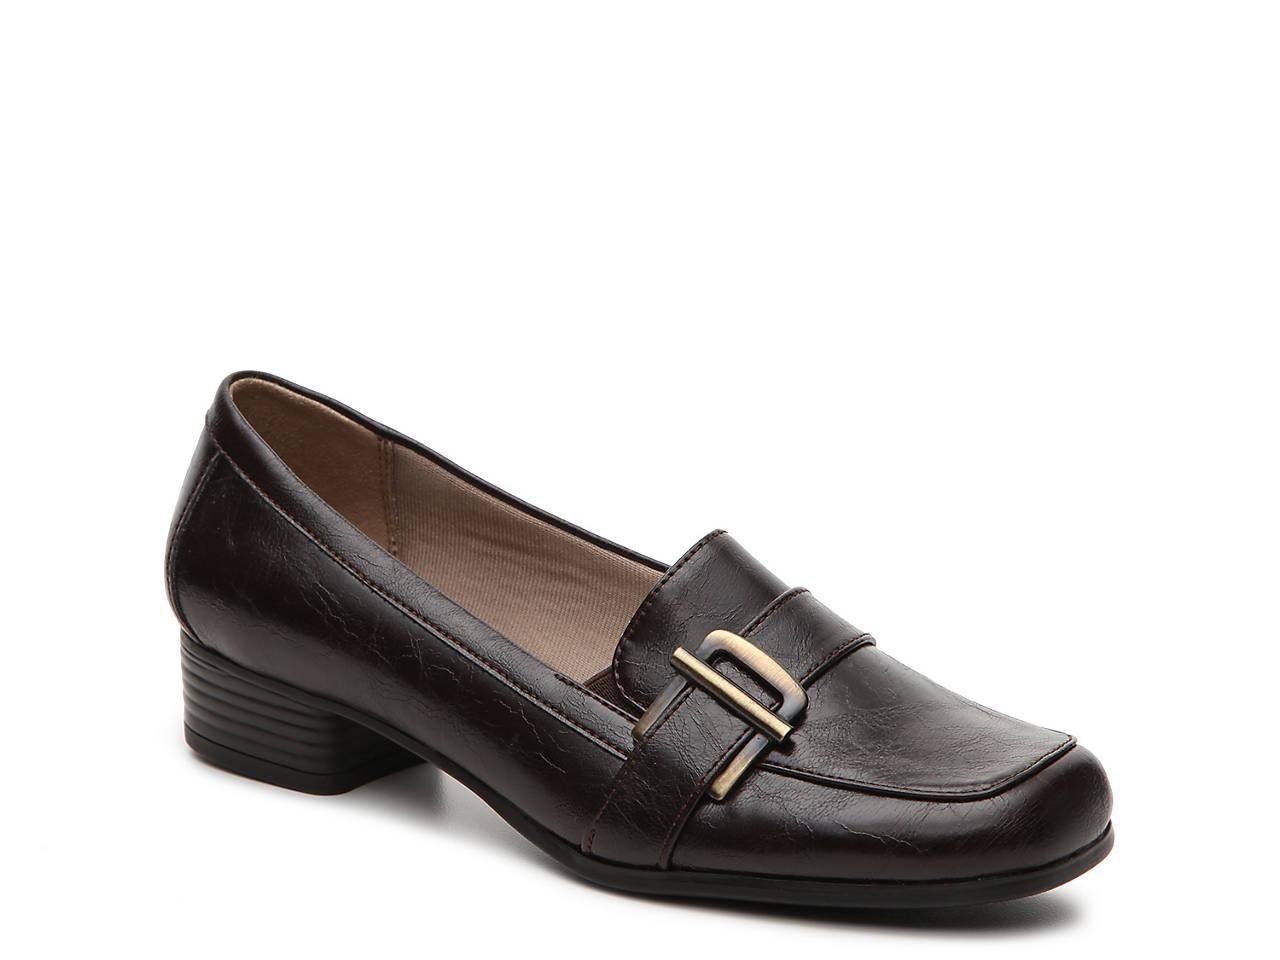 cc0d17c1186214 LifeStride Bounty Loafer Women s Shoes